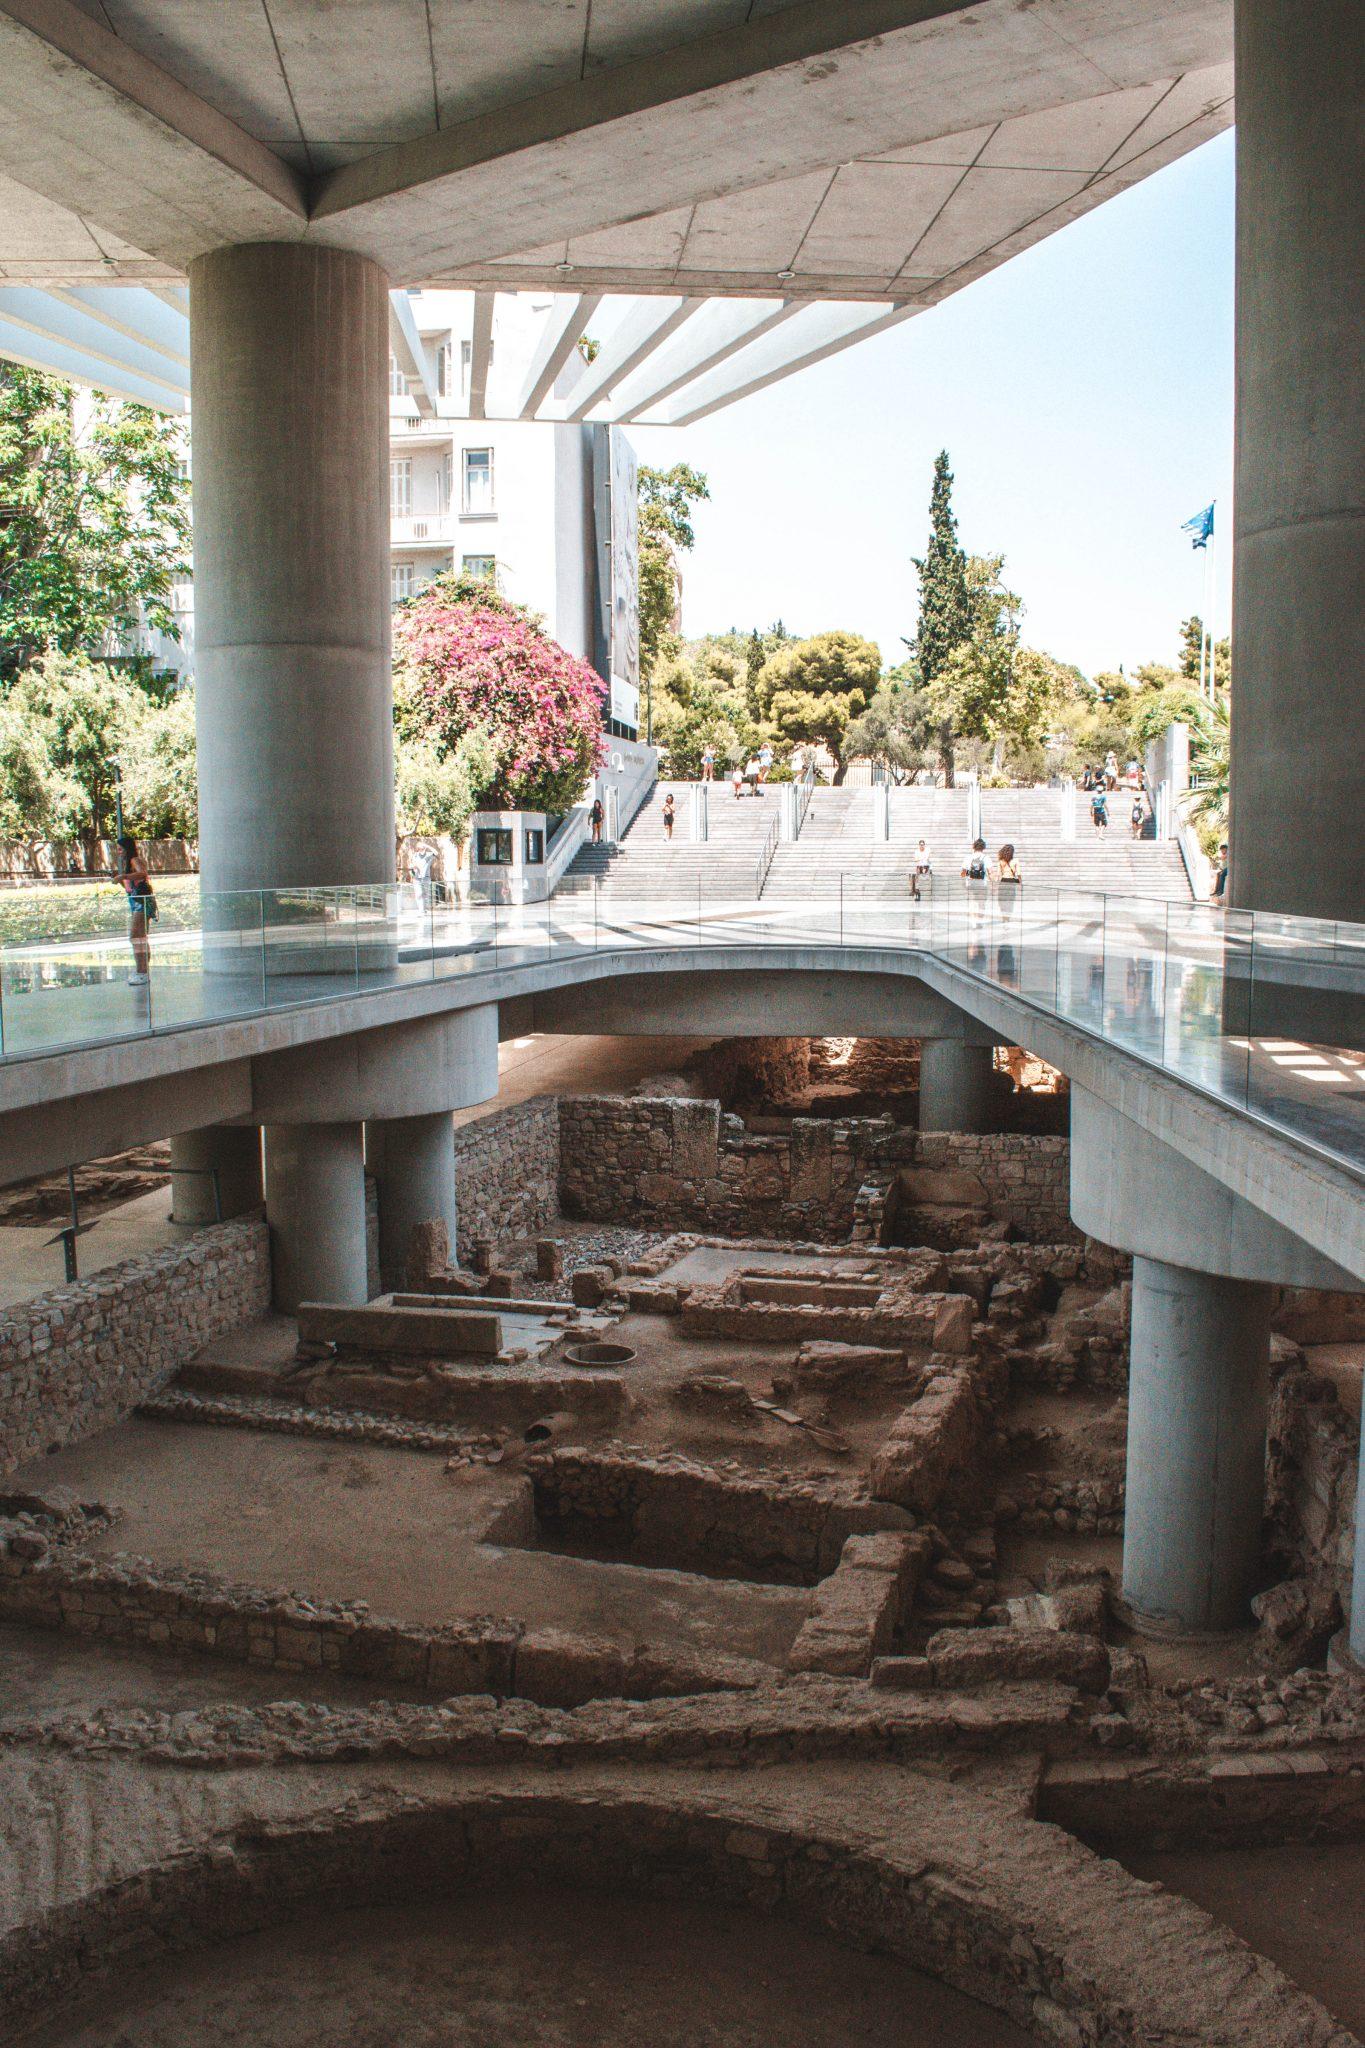 Atrações turísticas de Atenas